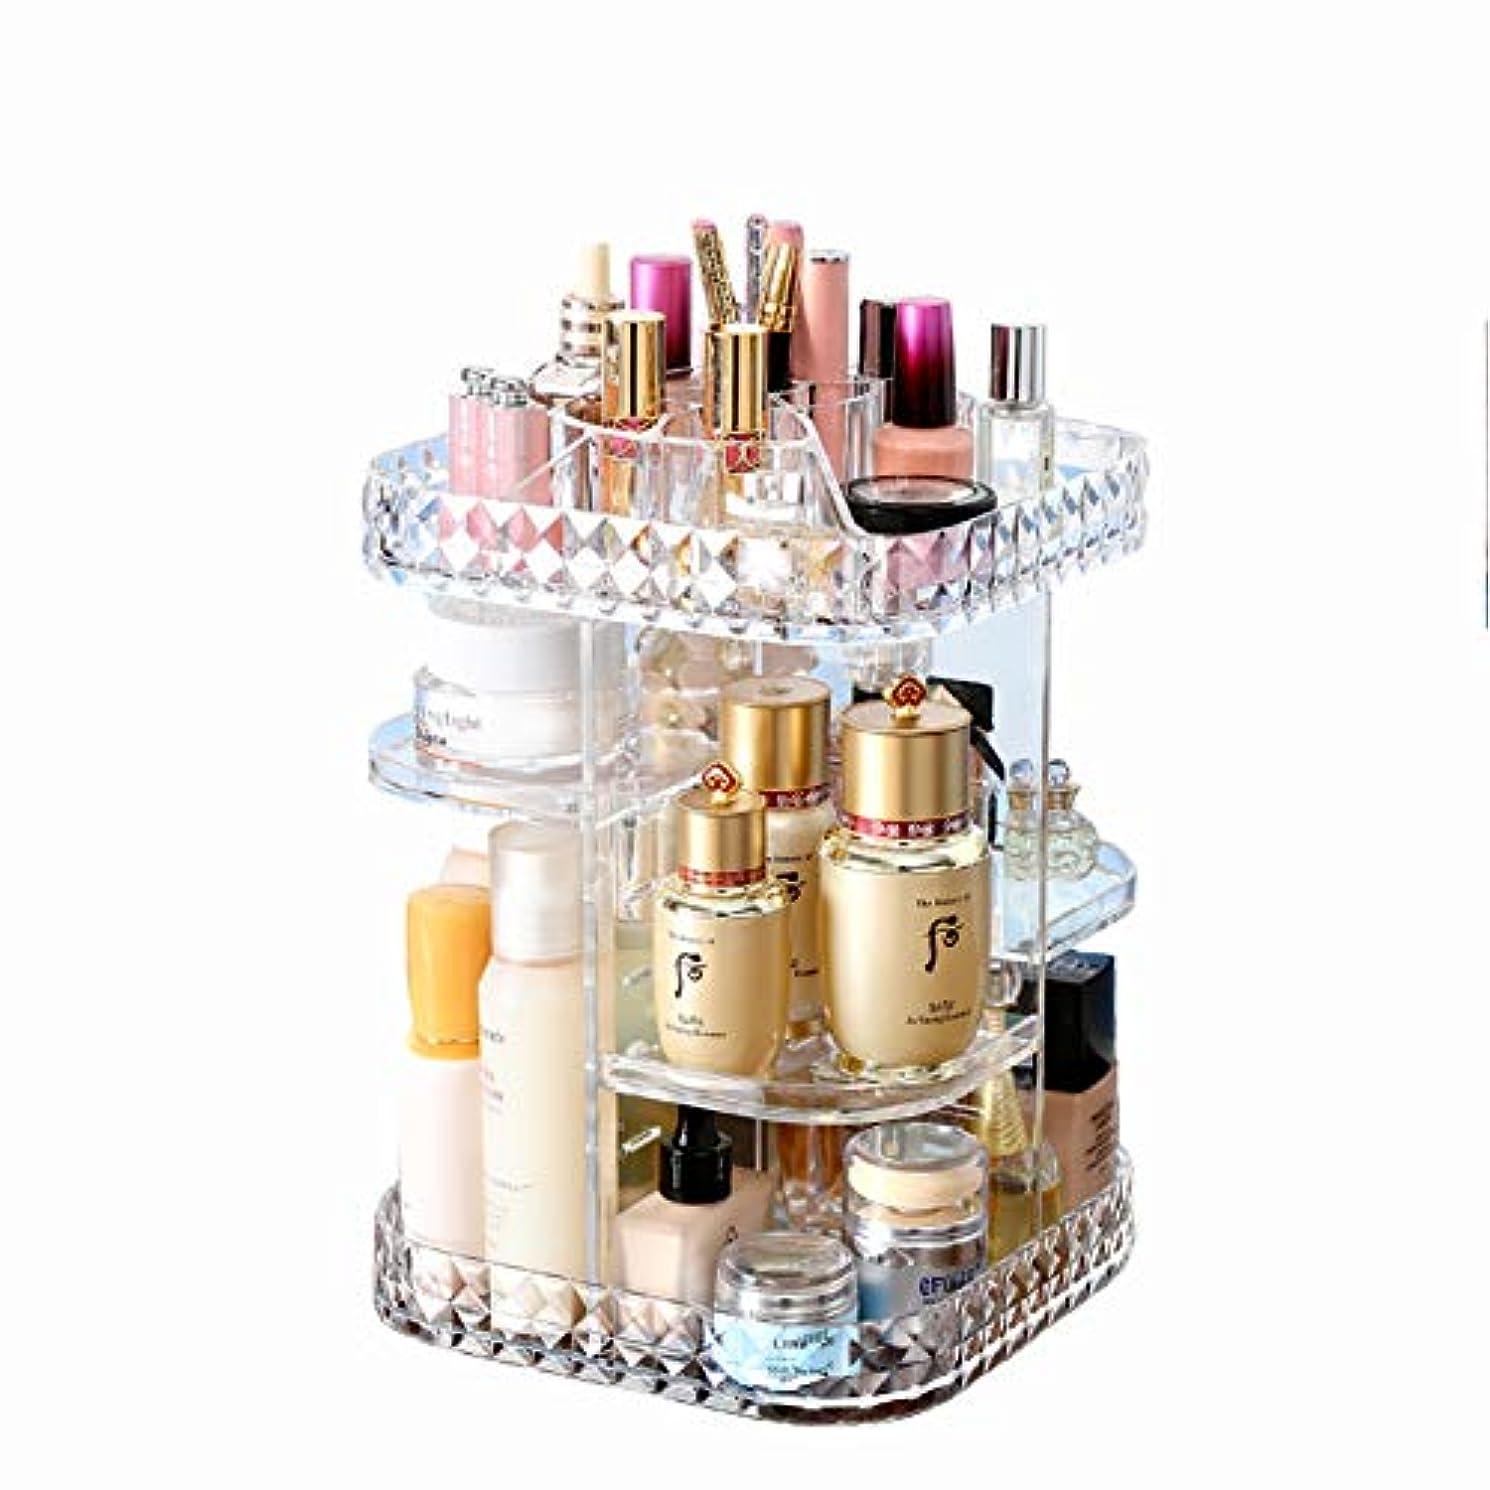 悪性カフェテリア熟考する化粧品収納ボックス 360℃回転式 高さ調節可能 高品質 超大容量メイクタワー 透明アクリル製 ダイヤモンドパターン